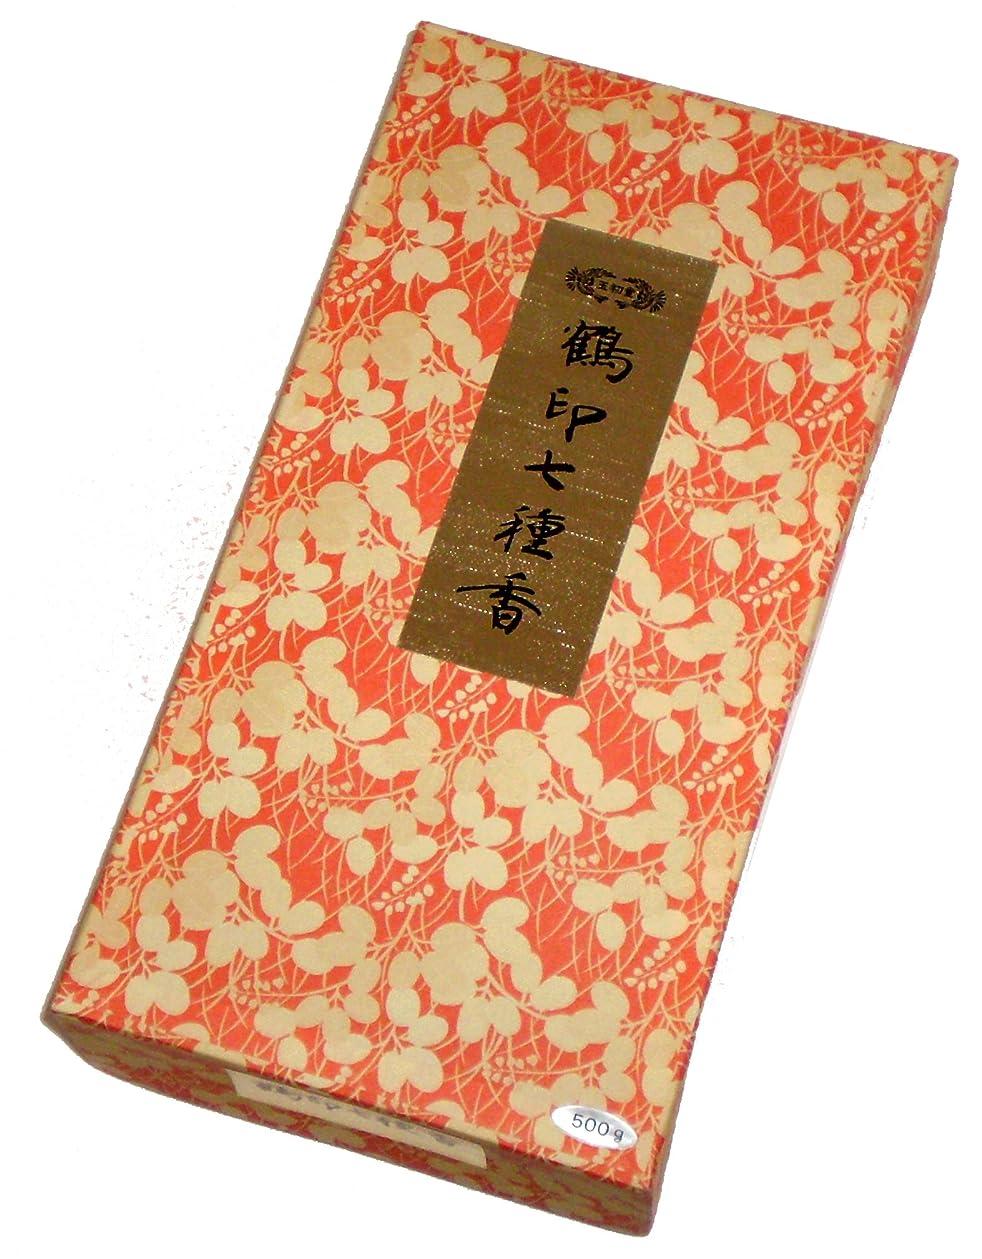 出血寝具妻玉初堂のお香 鶴印七種香 500g #671